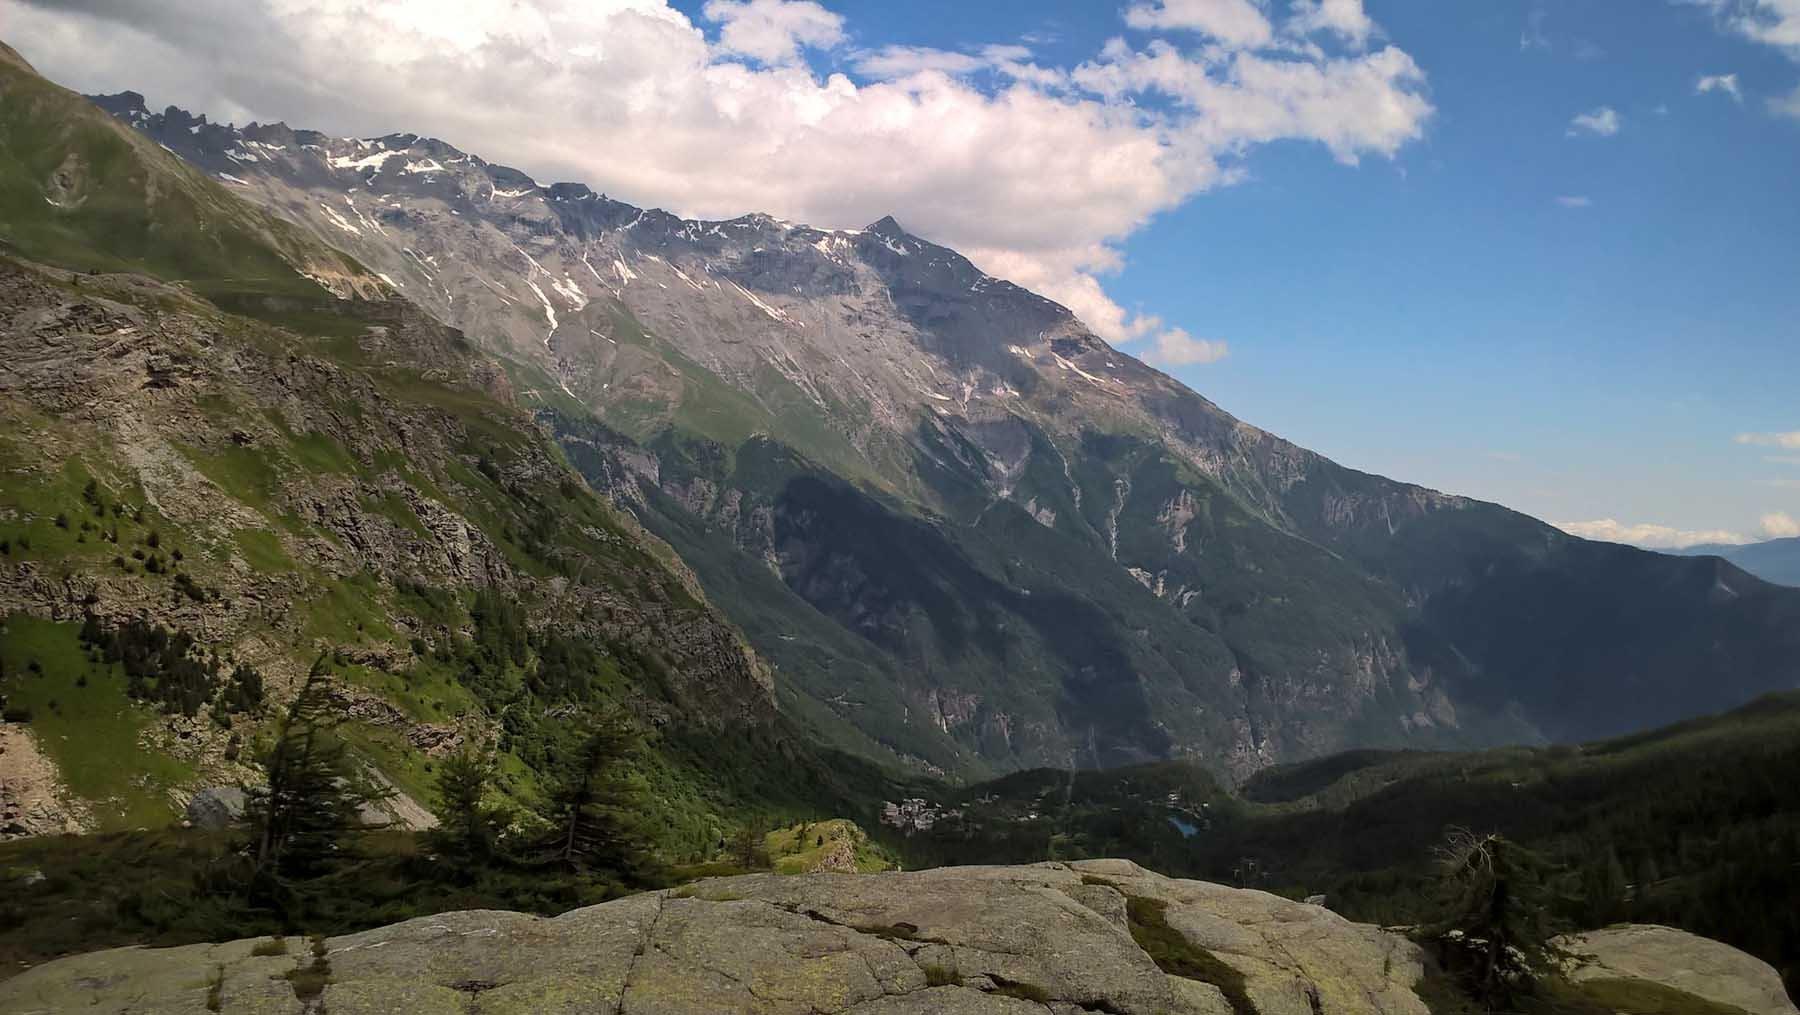 Cresta ovest Rocciamelone